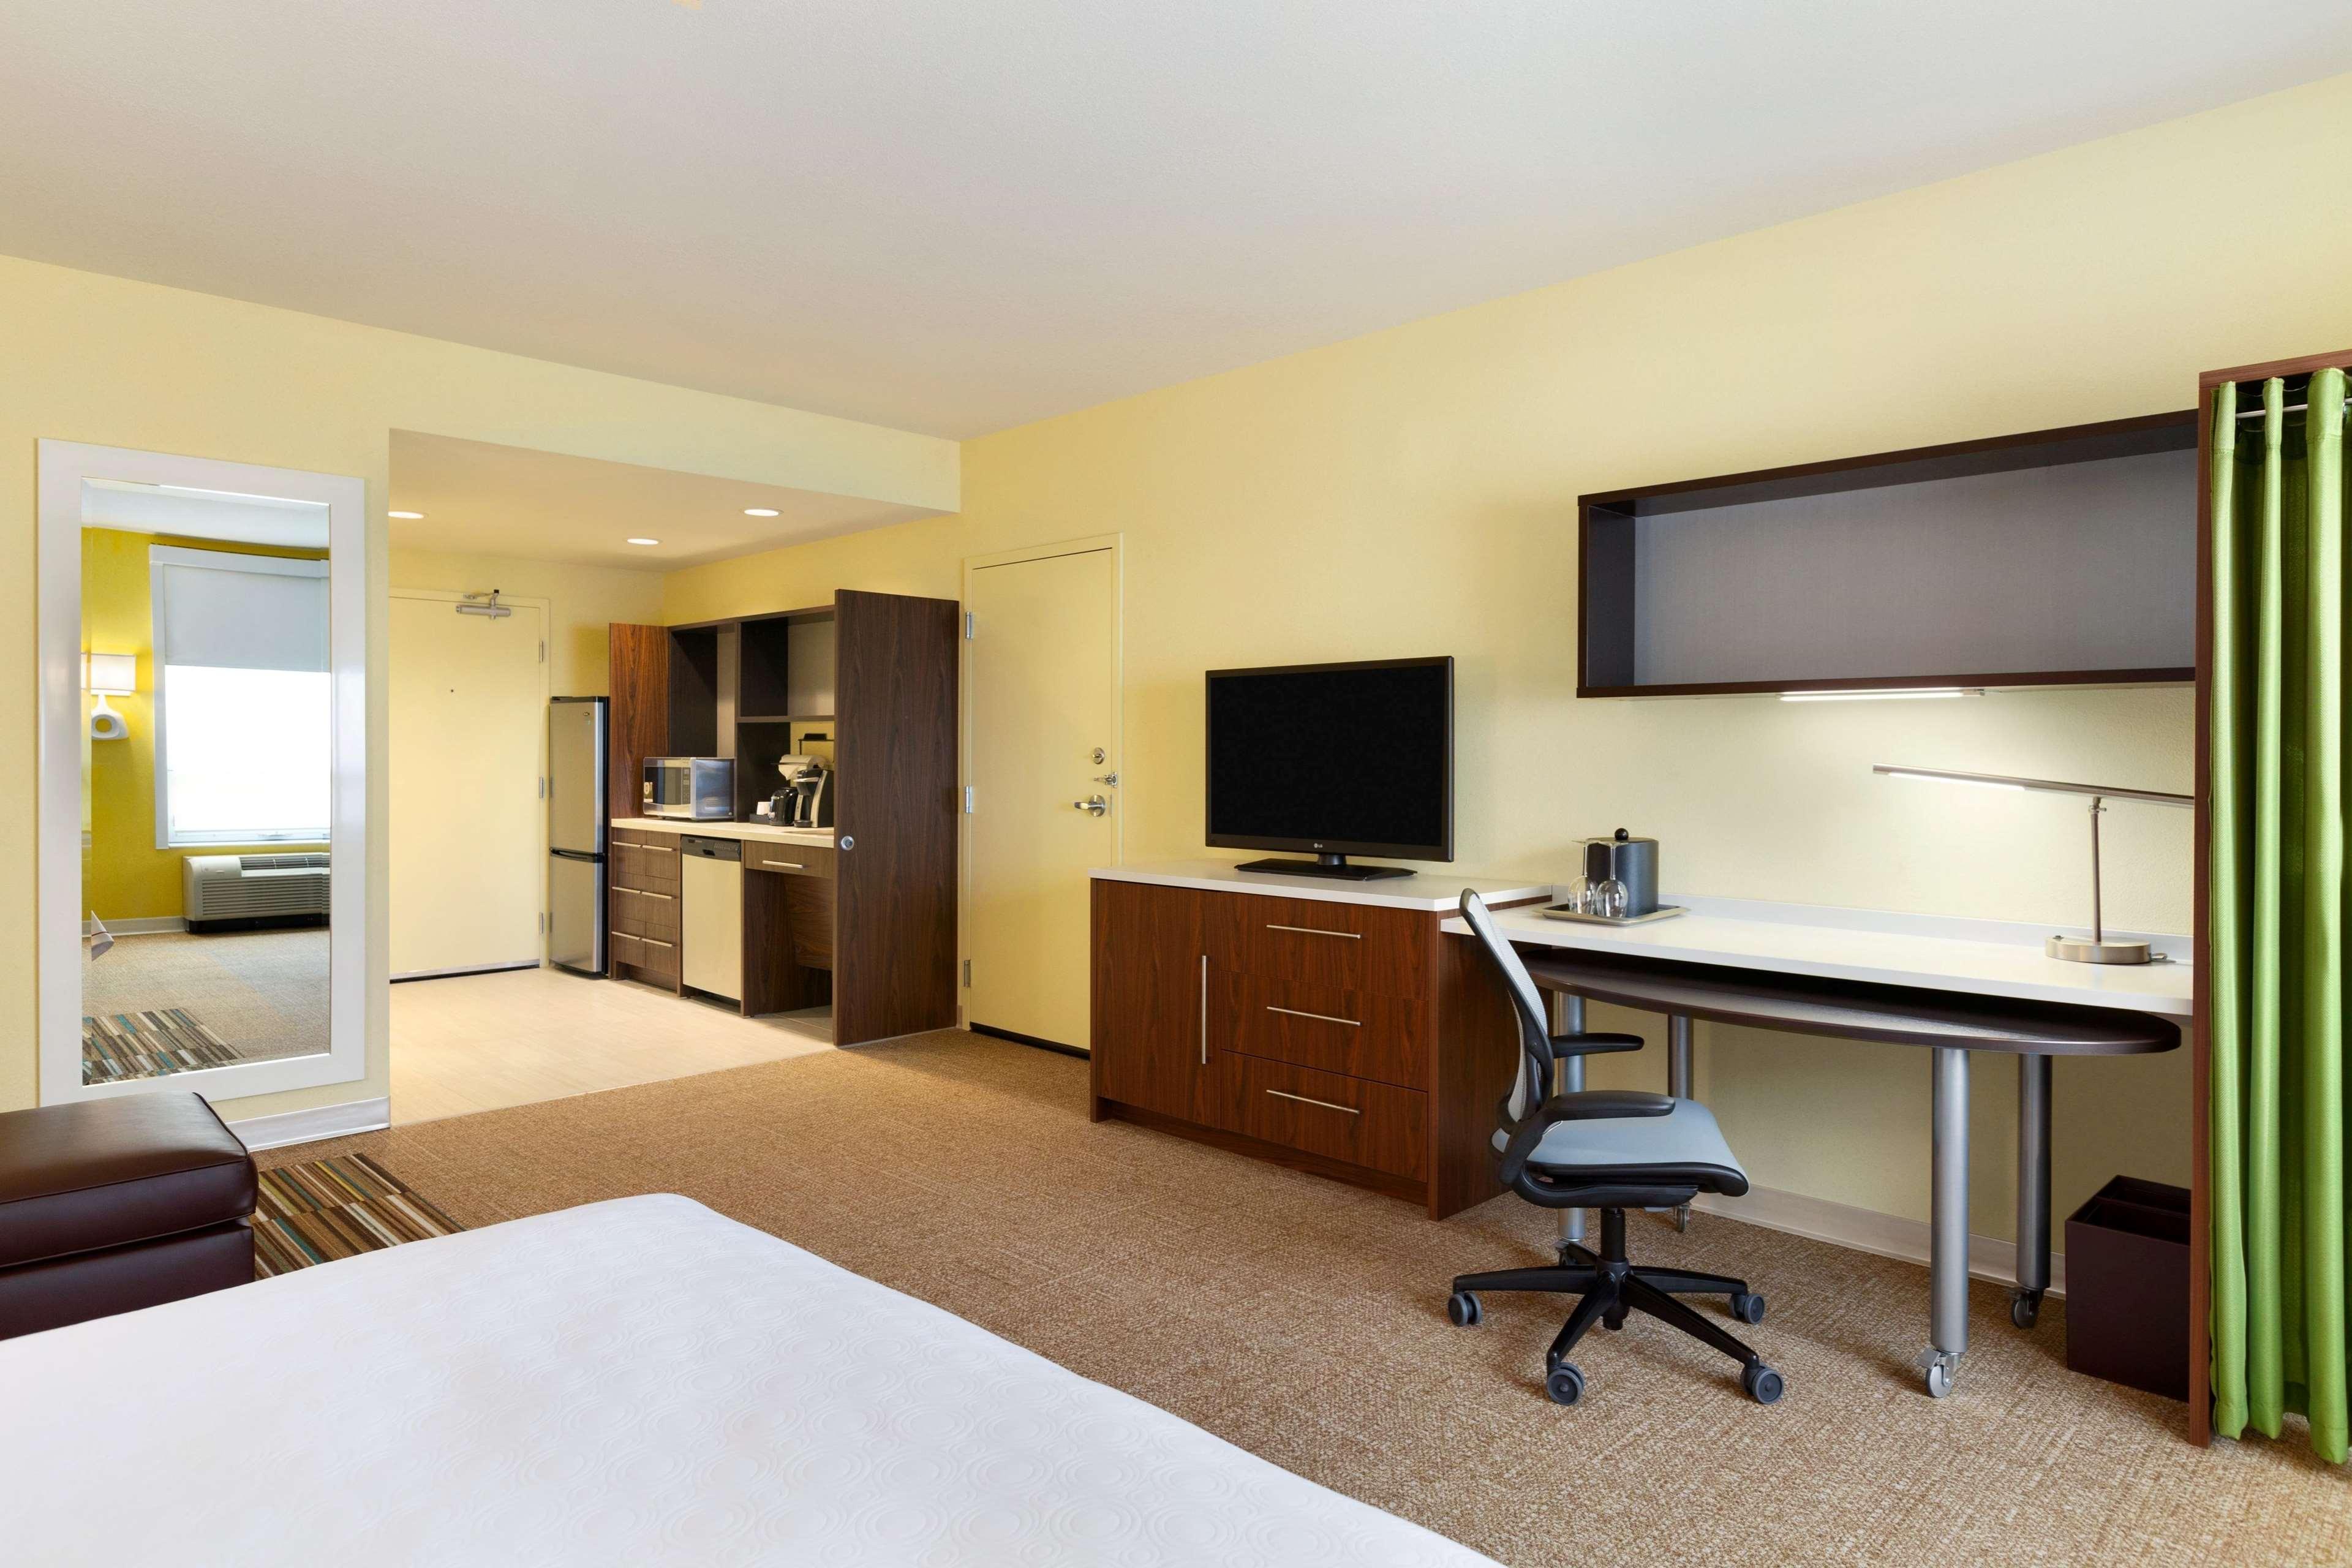 Home2 Suites by Hilton West Edmonton, Alberta, Canada à Edmonton: 1 Queen Accessible Studio Suite Room